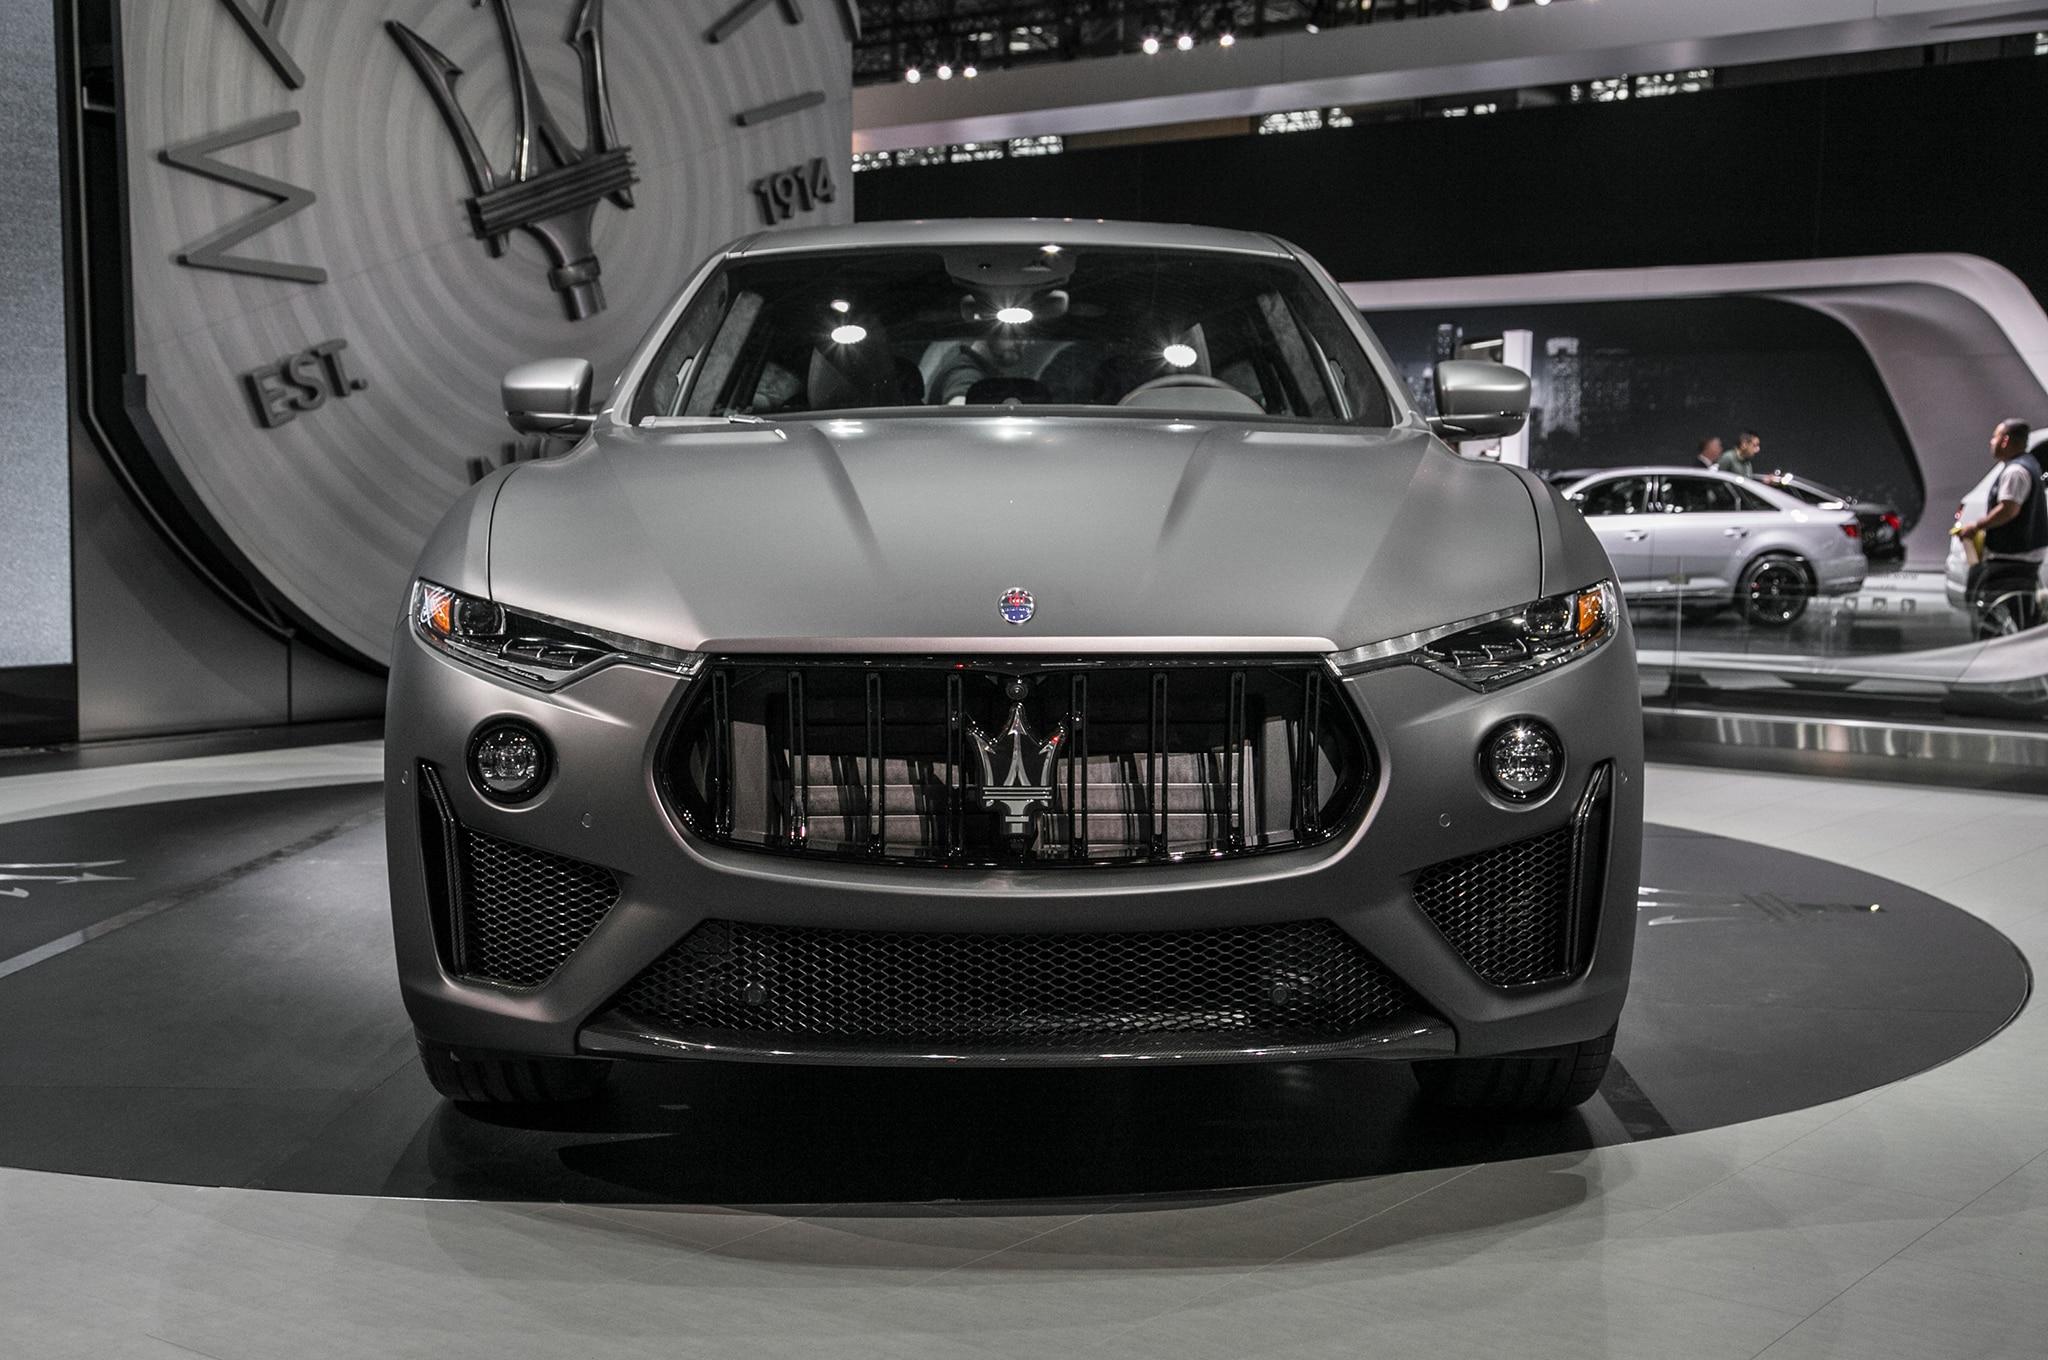 2019 Maserati Levante Trofeo Front 02